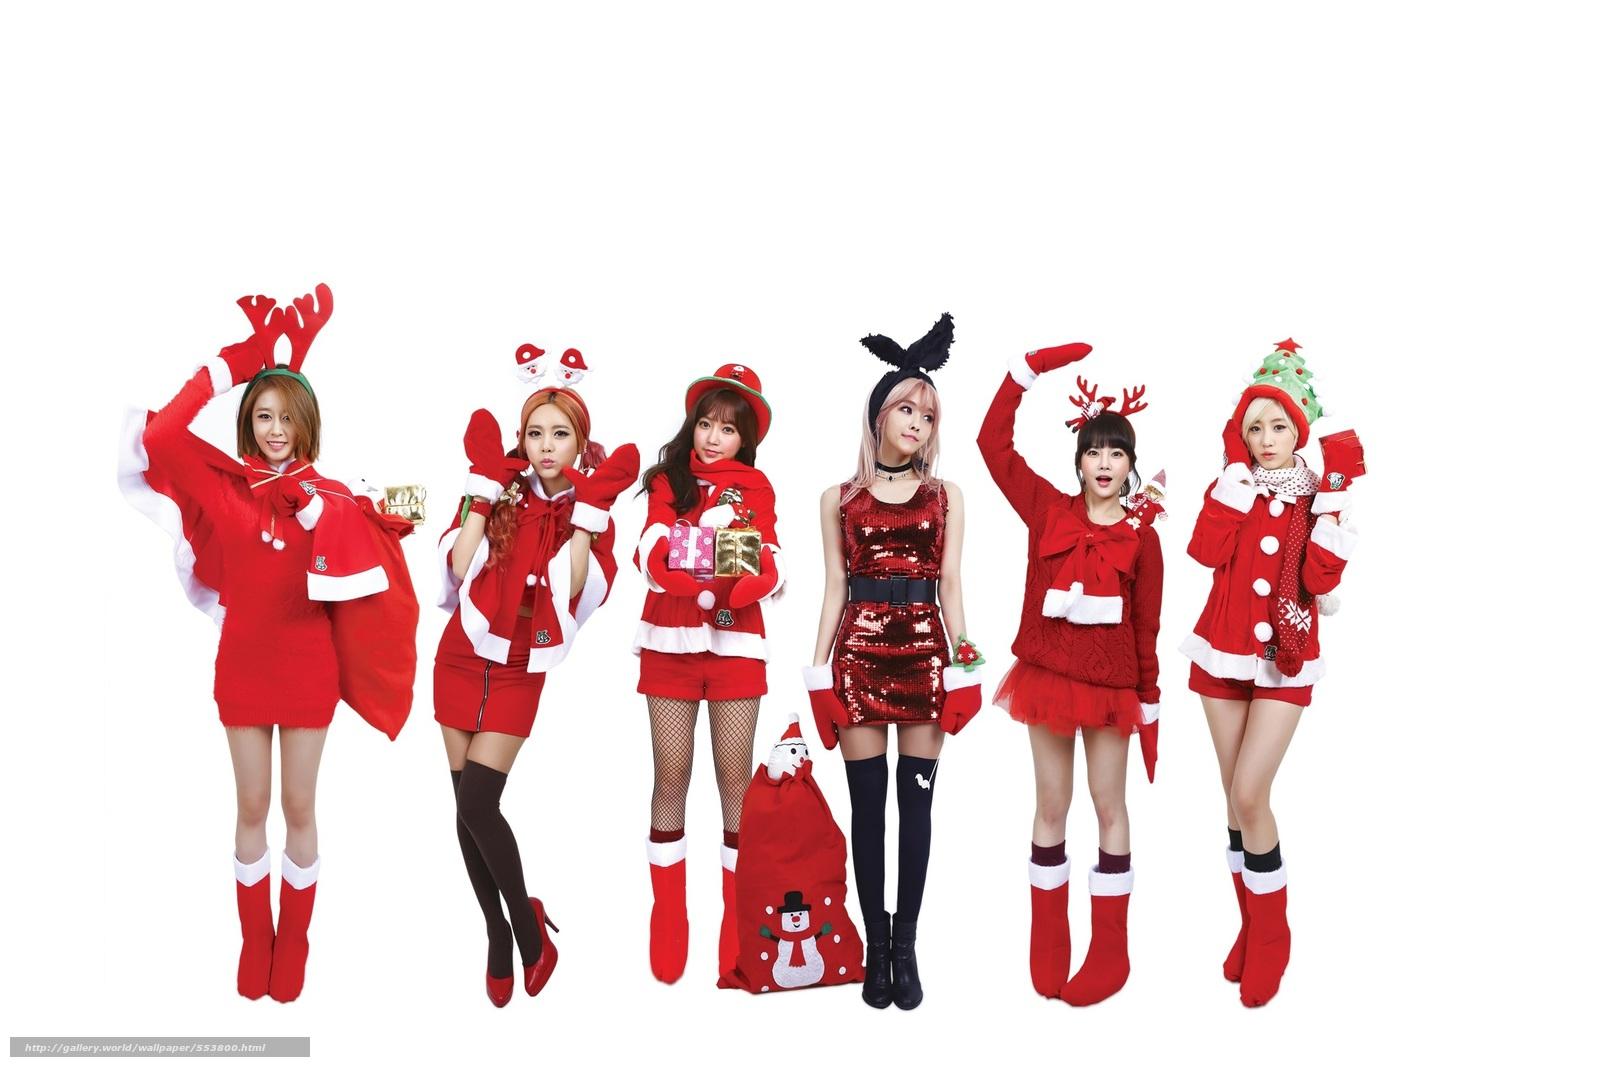 Скачать обои Happy,  holidays,  merry,  christmas бесплатно для рабочего стола в разрешении 2835x1890 — картинка №553800